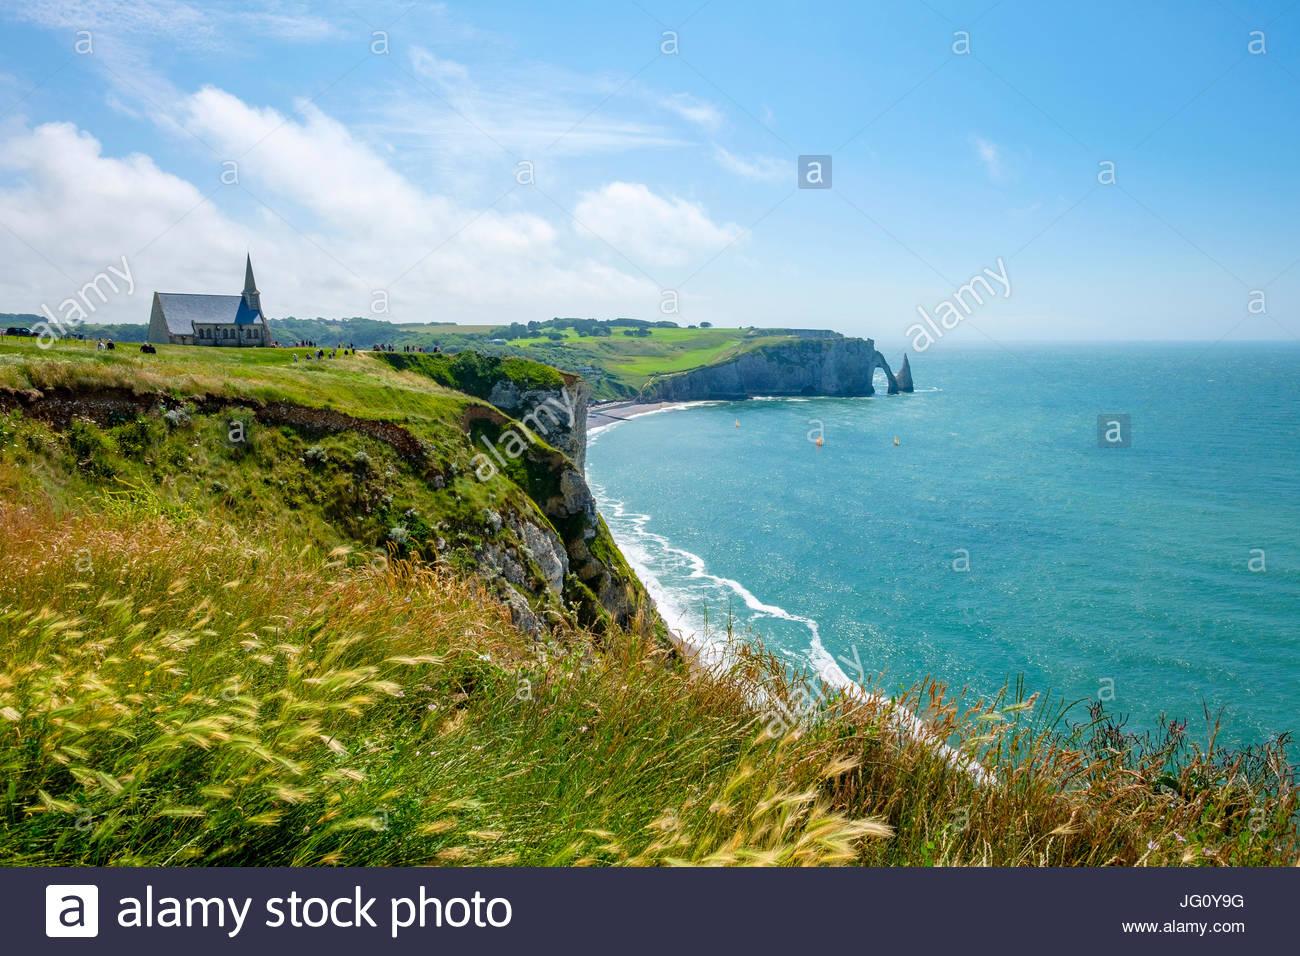 France, Normandy (Normandie), Seine-Maritime department, Etretat. Chapelle Notre-Dame de la Garde chapel and white Stock Photo